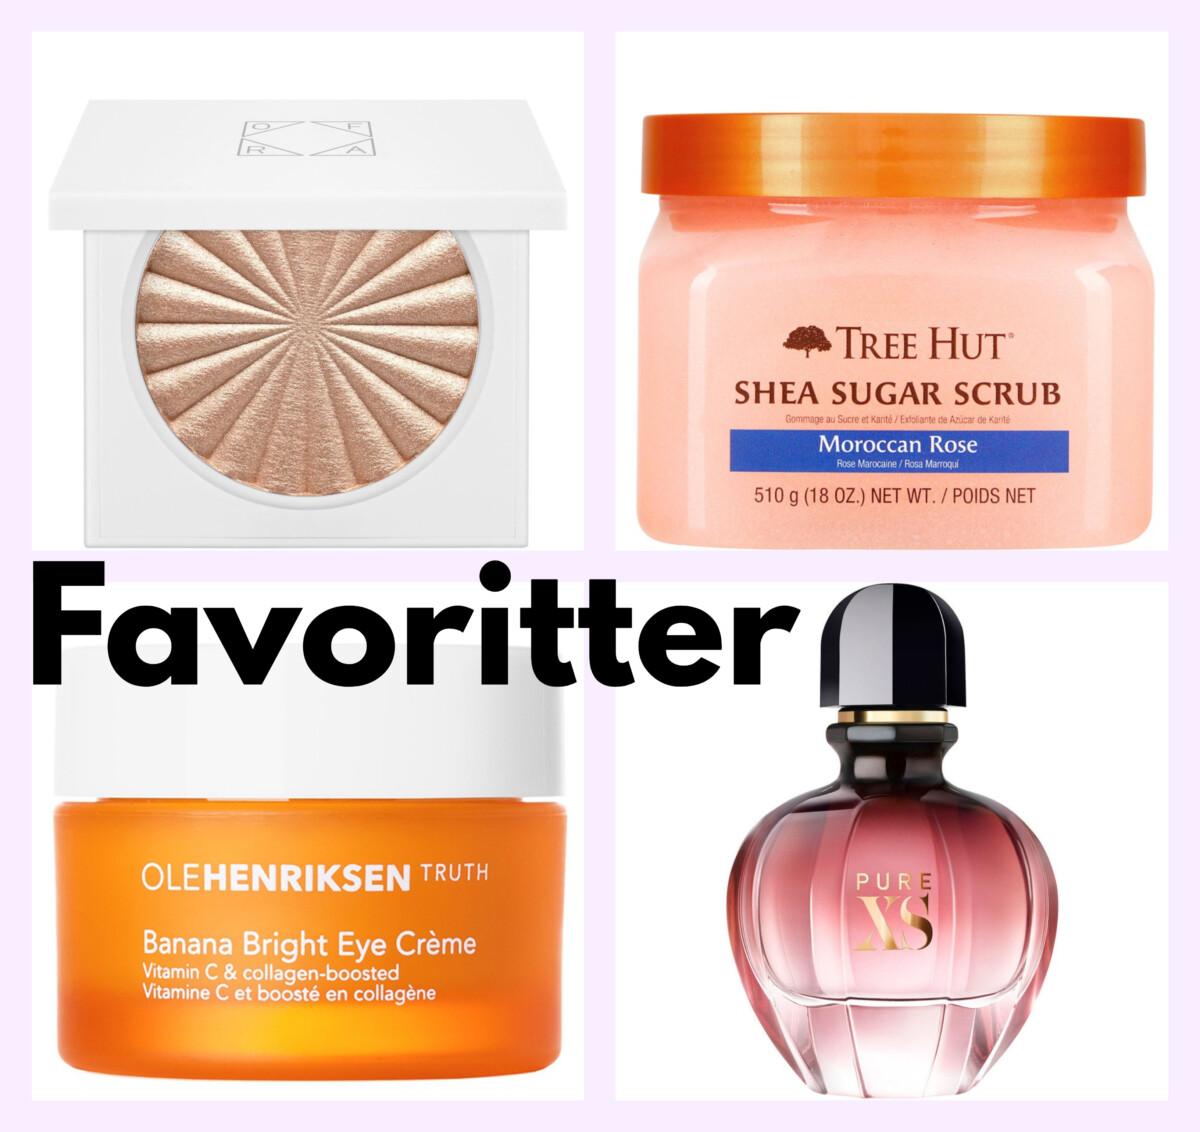 sminkeblogger-skjønnhet-hudpleie-produkter-sminke-sminkeprodukter-isalicious1-isalicious-butterbronzer-treehut-scrub-skrubb-nyx-blivakker-olehenriksen-ofra-purexs-pacorabanne-bestesminkesvamp-realtechniques-beautyblogger-skjønnhet-trend-solpudder-sminke-sminkeprodukter-hudpleieprodukter-bestesminkesvampene-sminkeblogge-hudpleieblogger-hudturine-godehudprodukter-skrubb-parfyme-minefavoritter-sminkefavoritter-hudpleieprodukter-hud-favoritthudpleie-